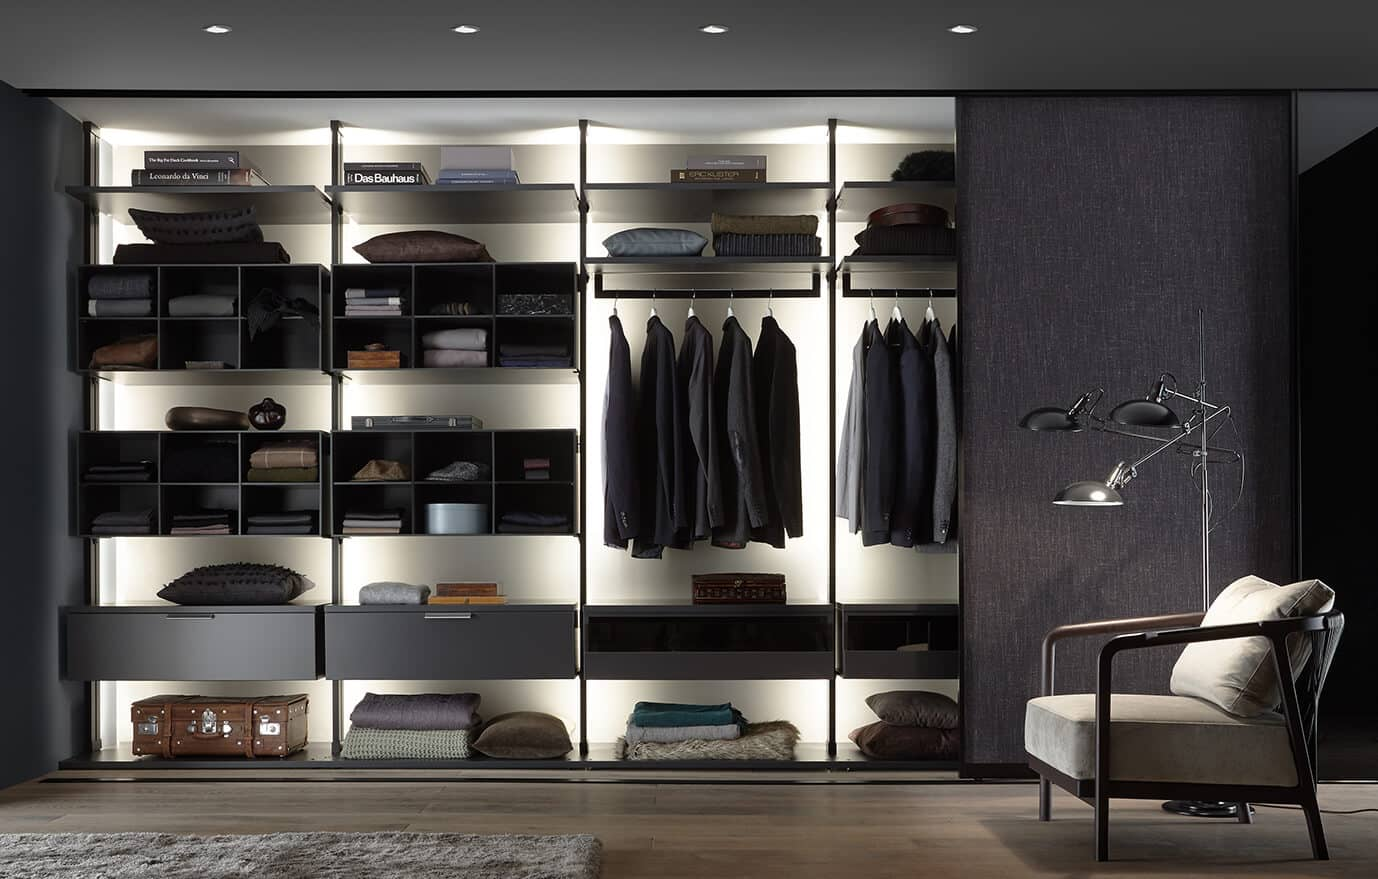 Wohnraum mit einem beleuchteten Regalsystem von Ars Nova Collection Centric mit Schiebetür.